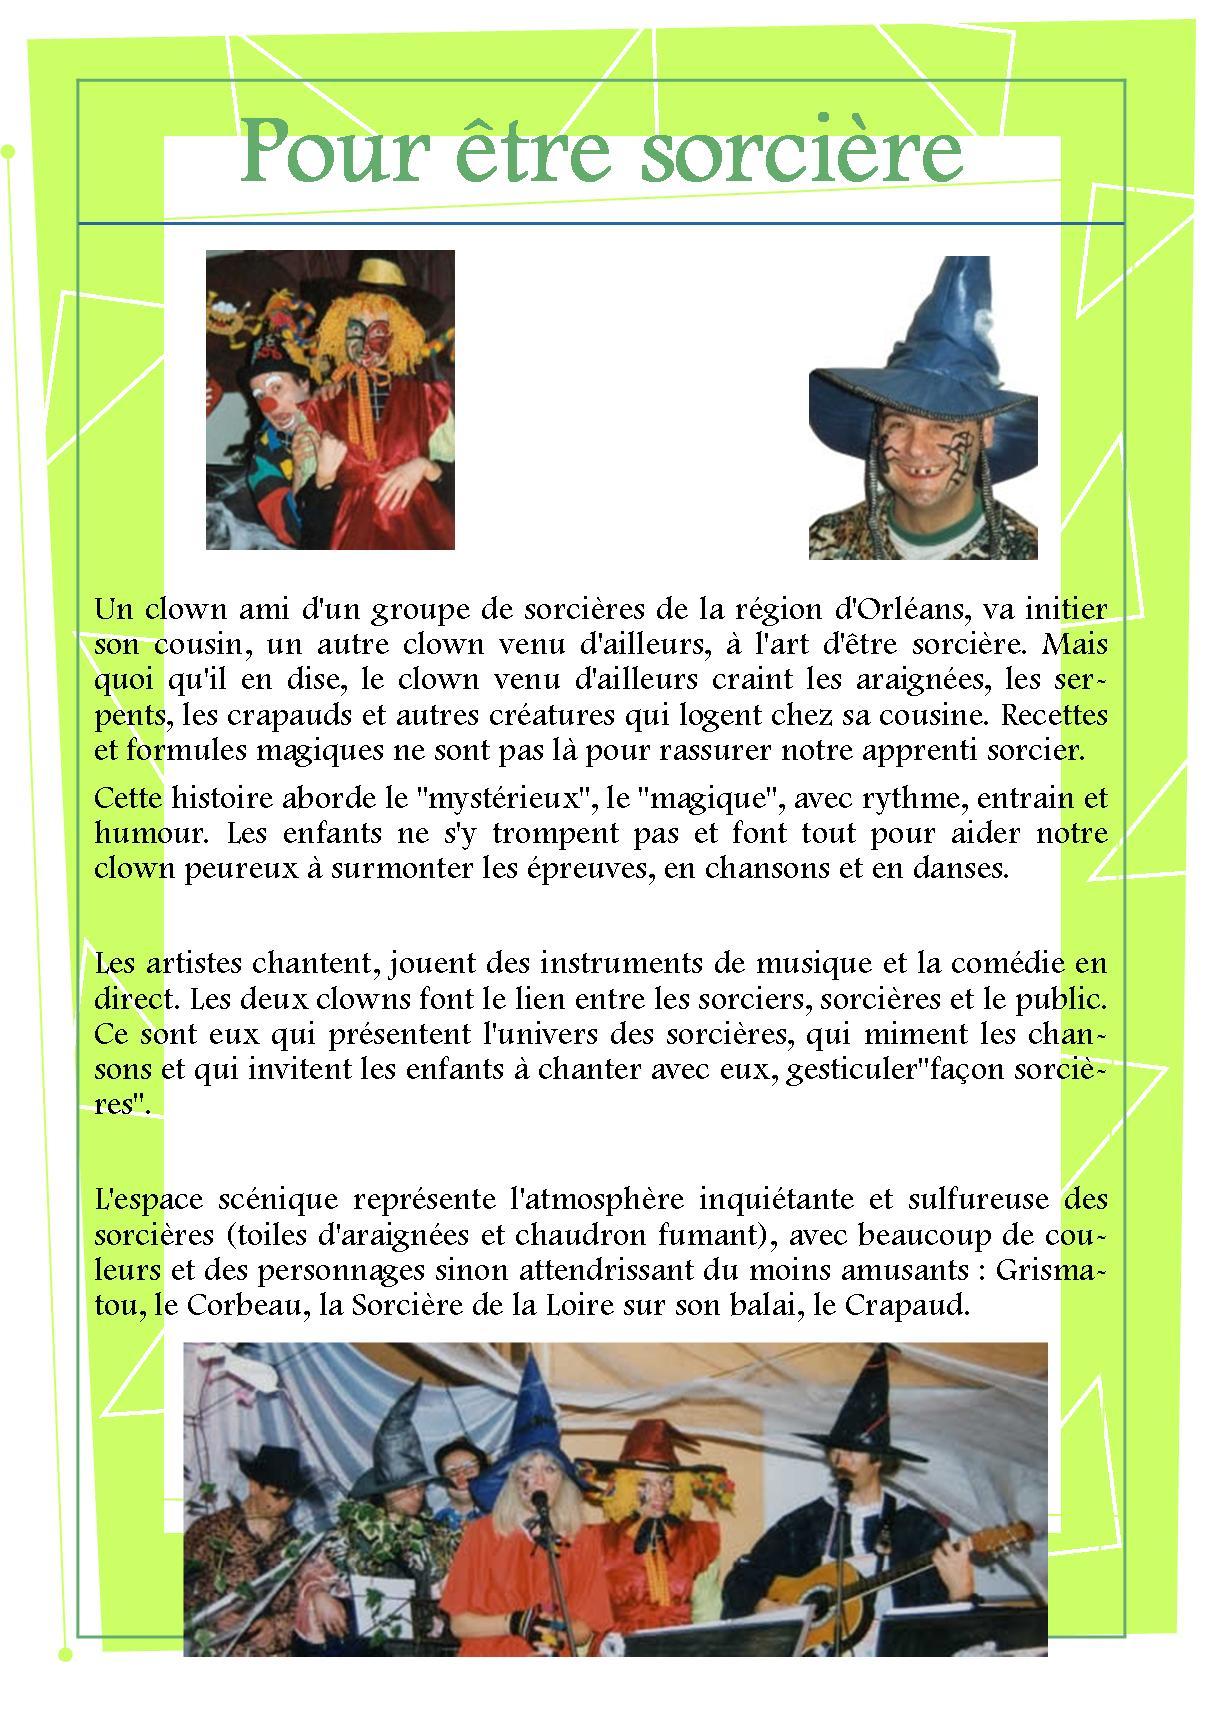 http://static.blog4ever.com/2011/12/582635/artfichier_582635_1044638_201207112232820.jpg